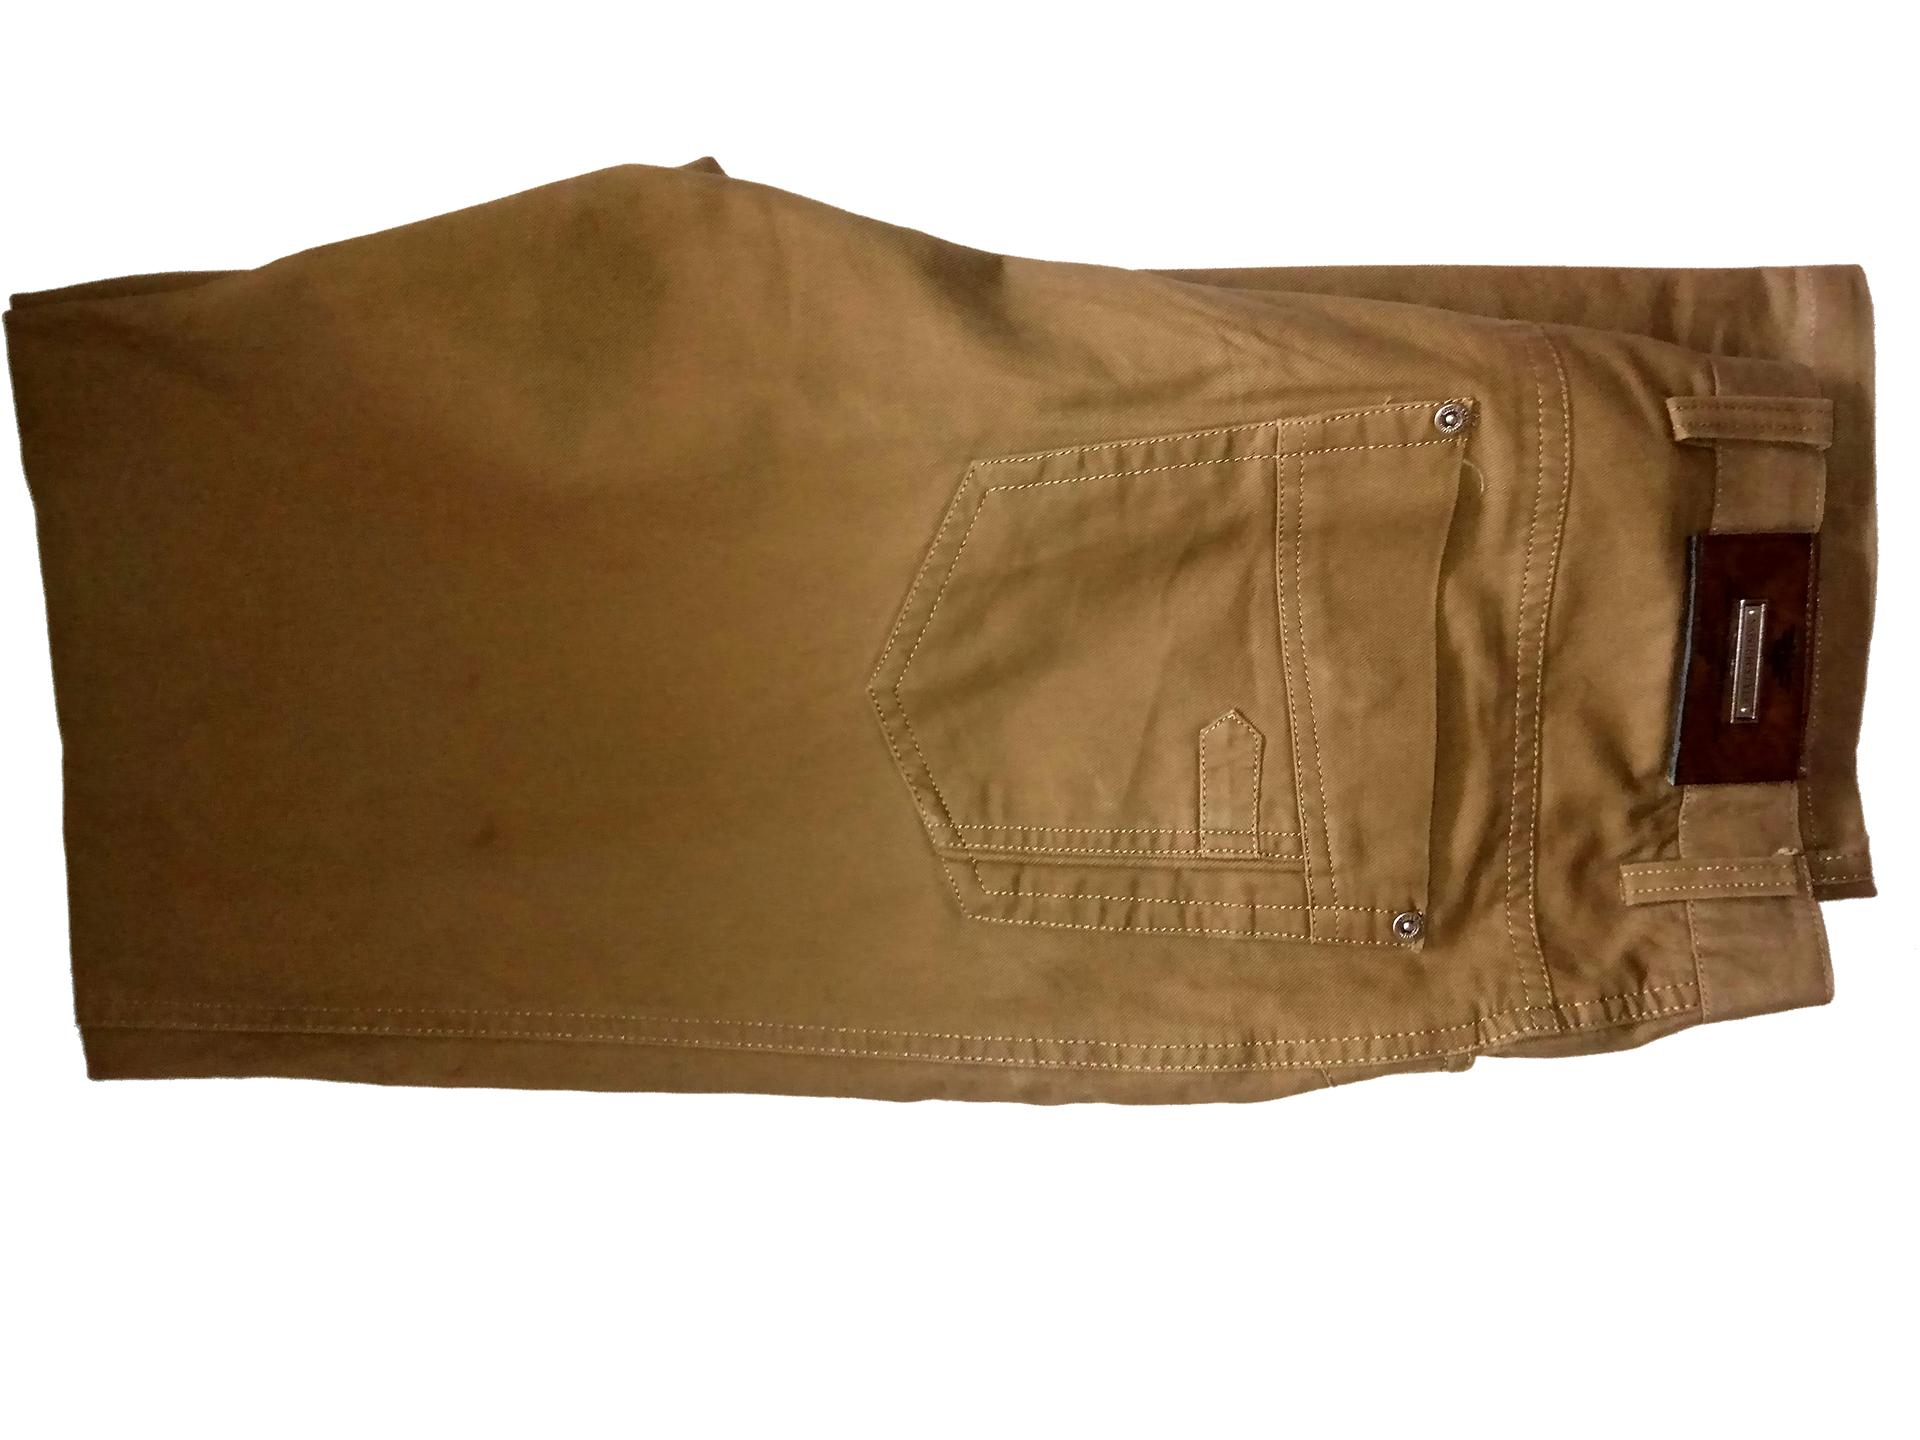 Brown Khaki trousers in Nairobi Kenya